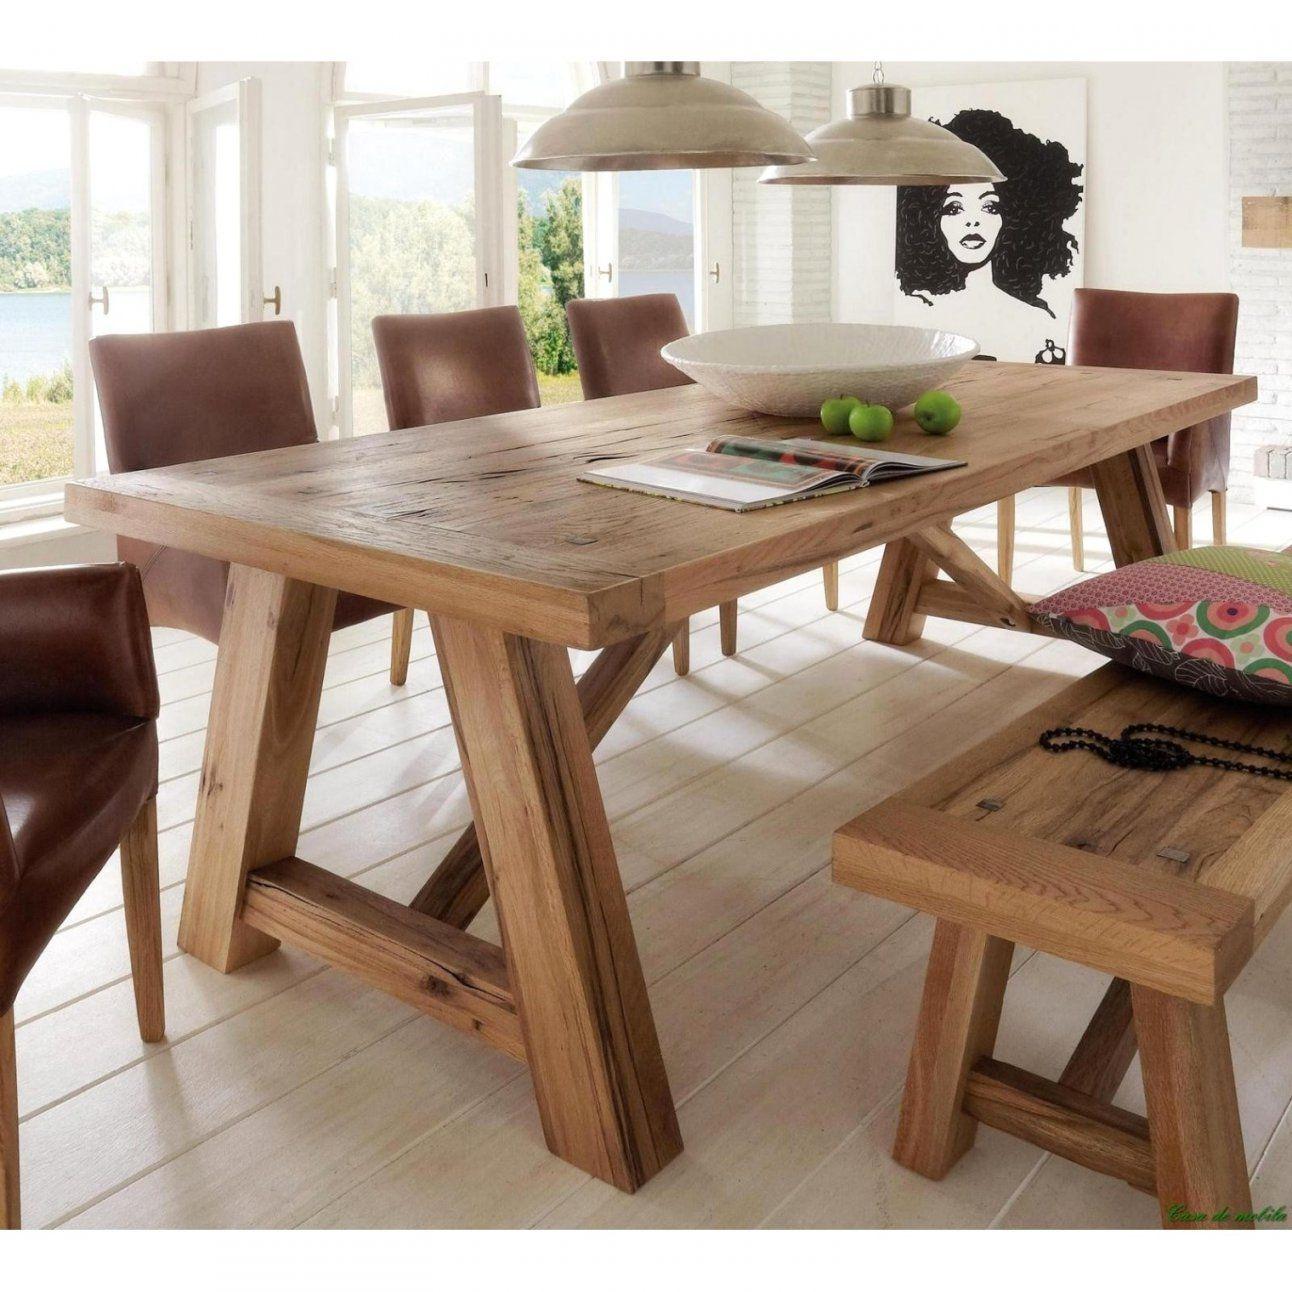 Beliebt Esstisch Aus Europaletten Mit Tisch Selber Bauen Paletten von Esstisch Aus Paletten Bauen Bild